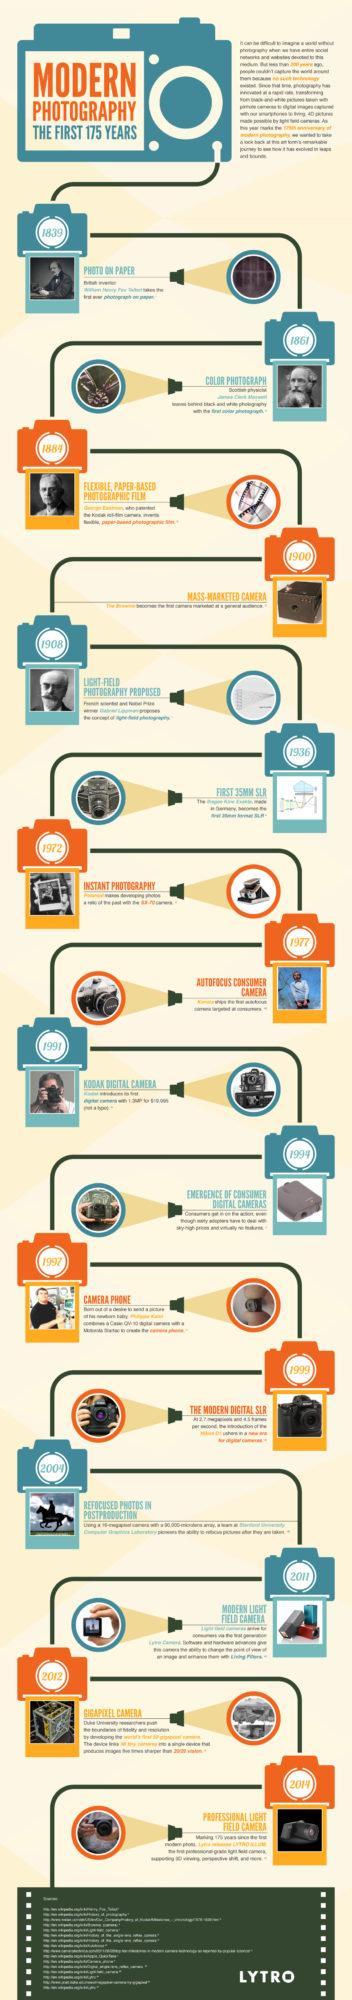 Infográfico 175 anos da fotografia - Lytro